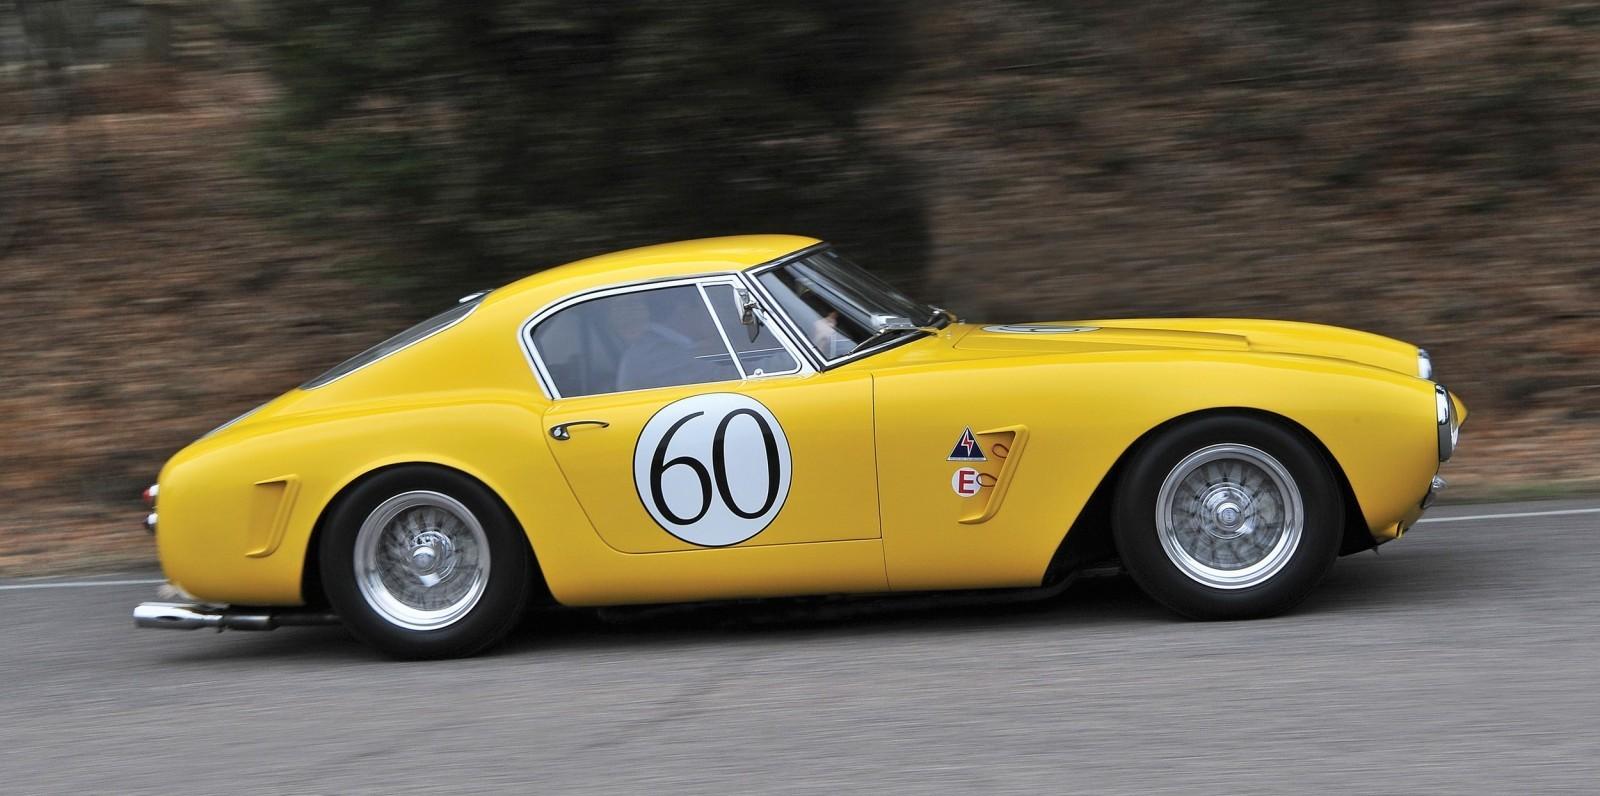 RM Villa Erba 2015 - 1960 Ferrari 250GT Berlinetta Competizione SWB Alloy by Scaglietti 15